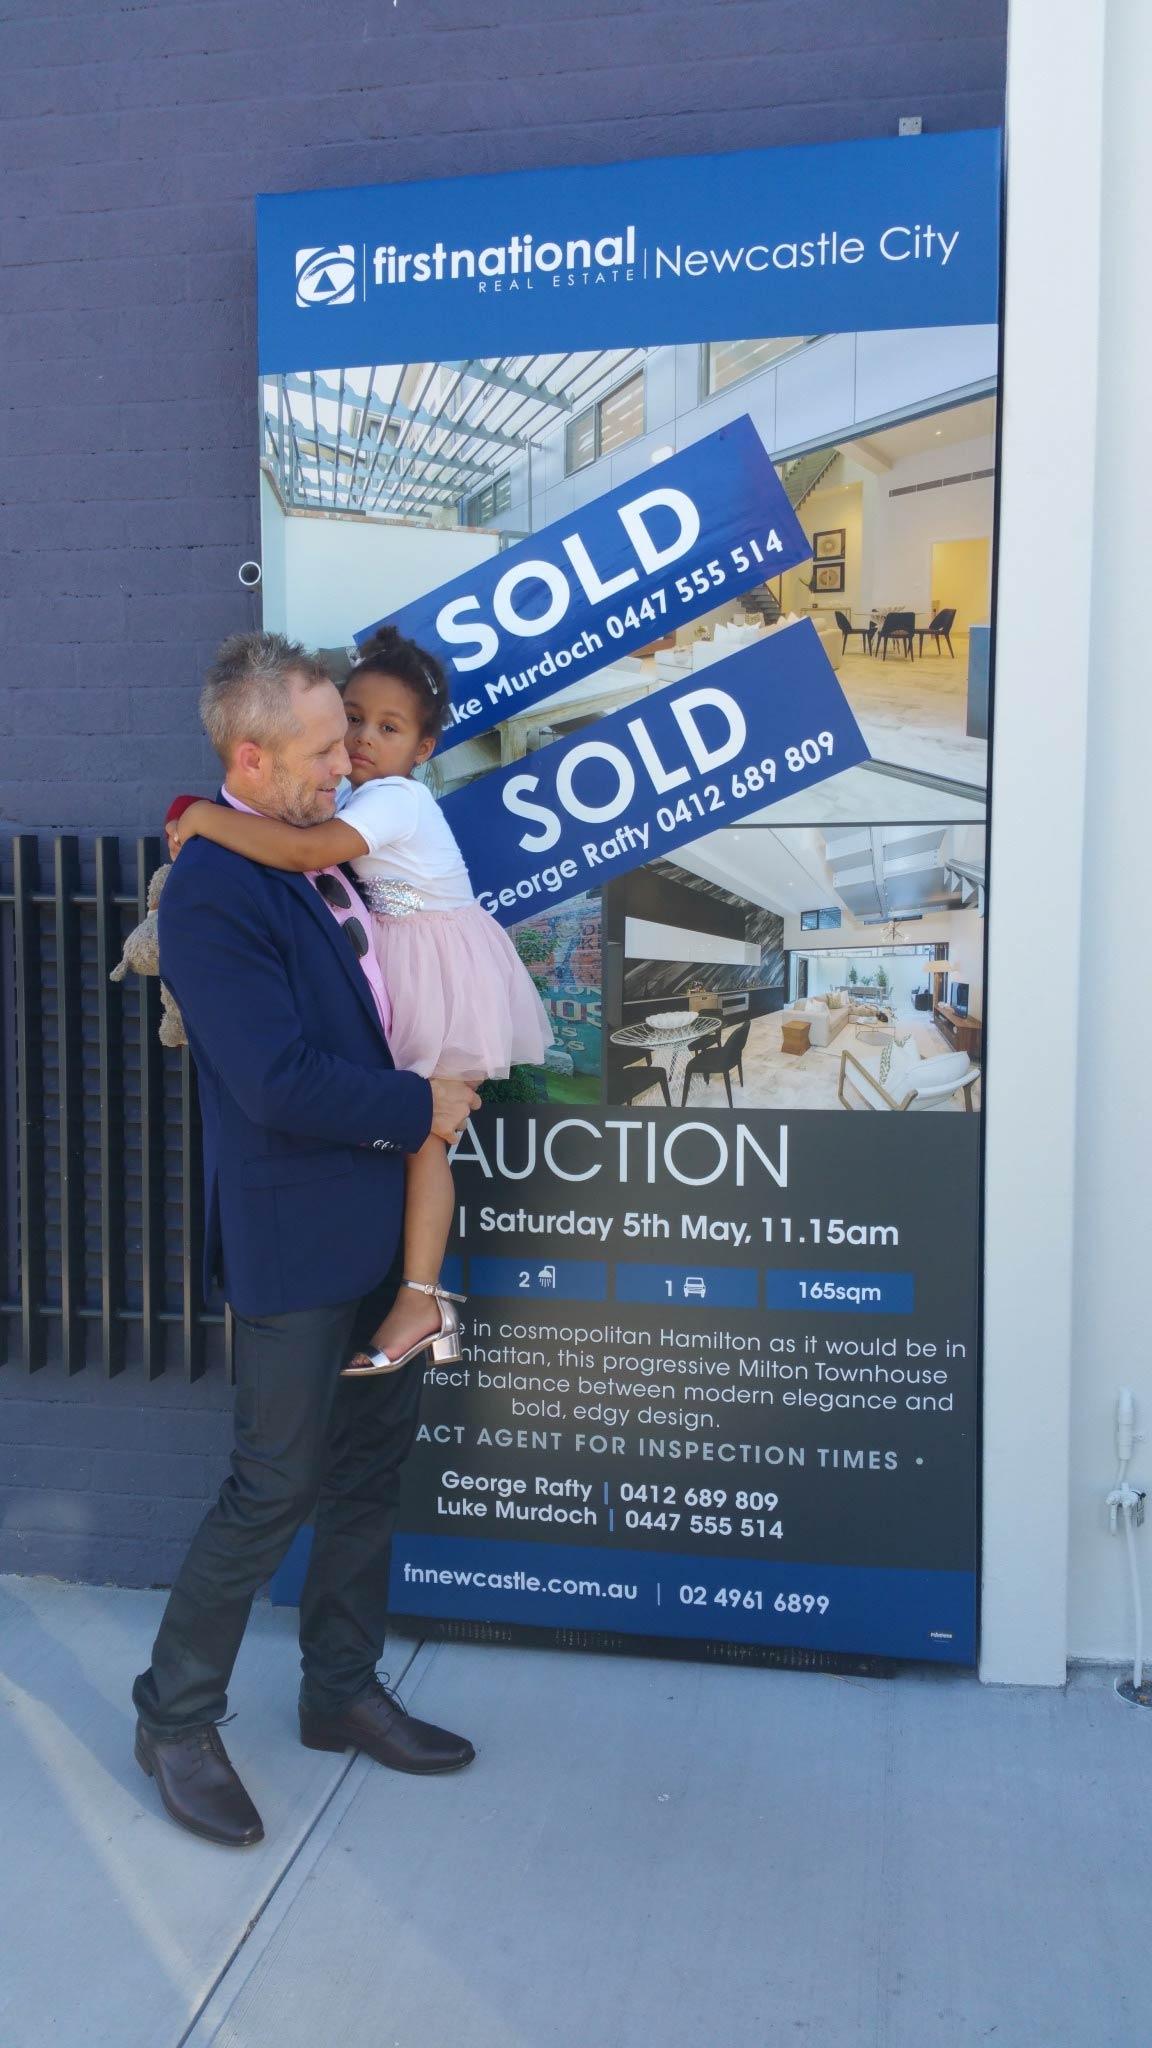 https://www.propertybuyer.com.au/hubfs/nerida